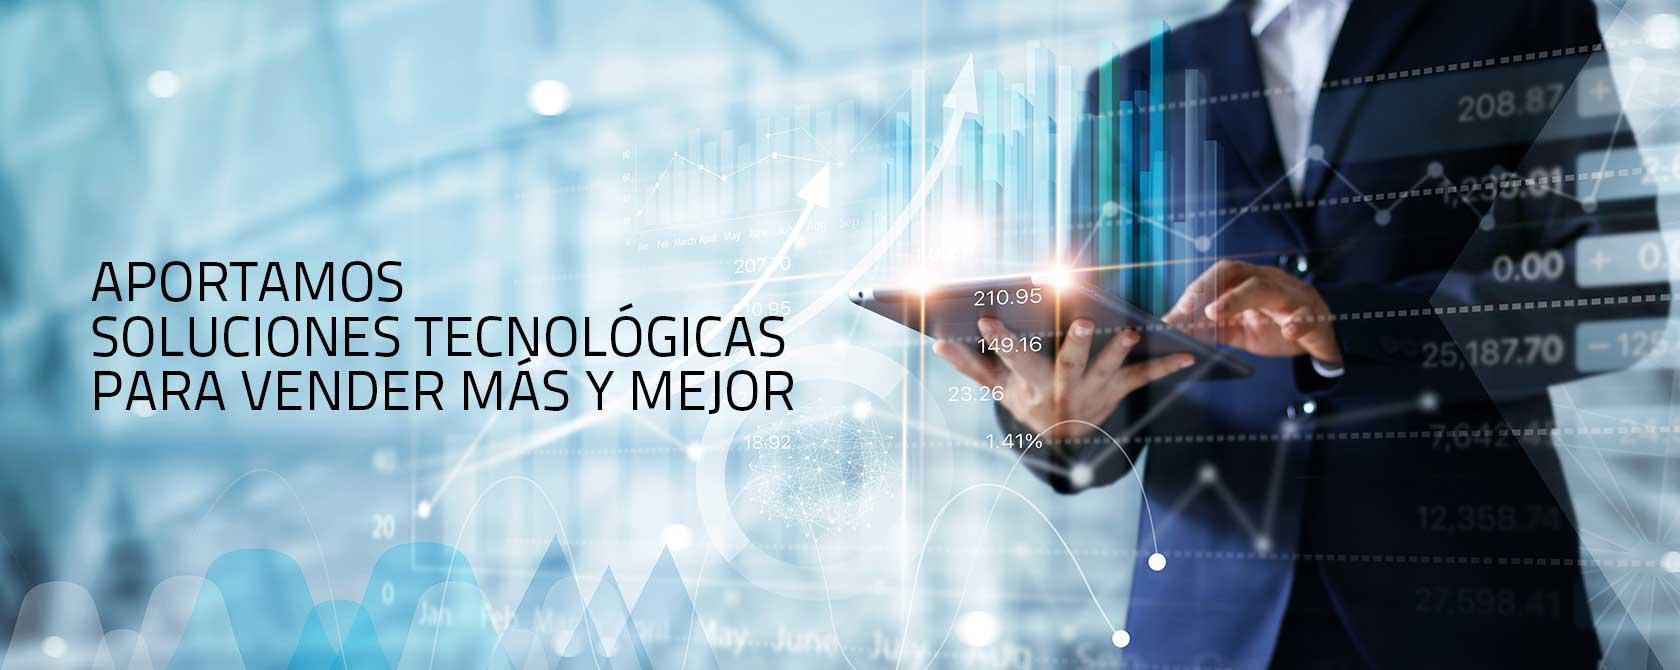 unocomaseis-img-soluciones-tecnologicas-1680x670